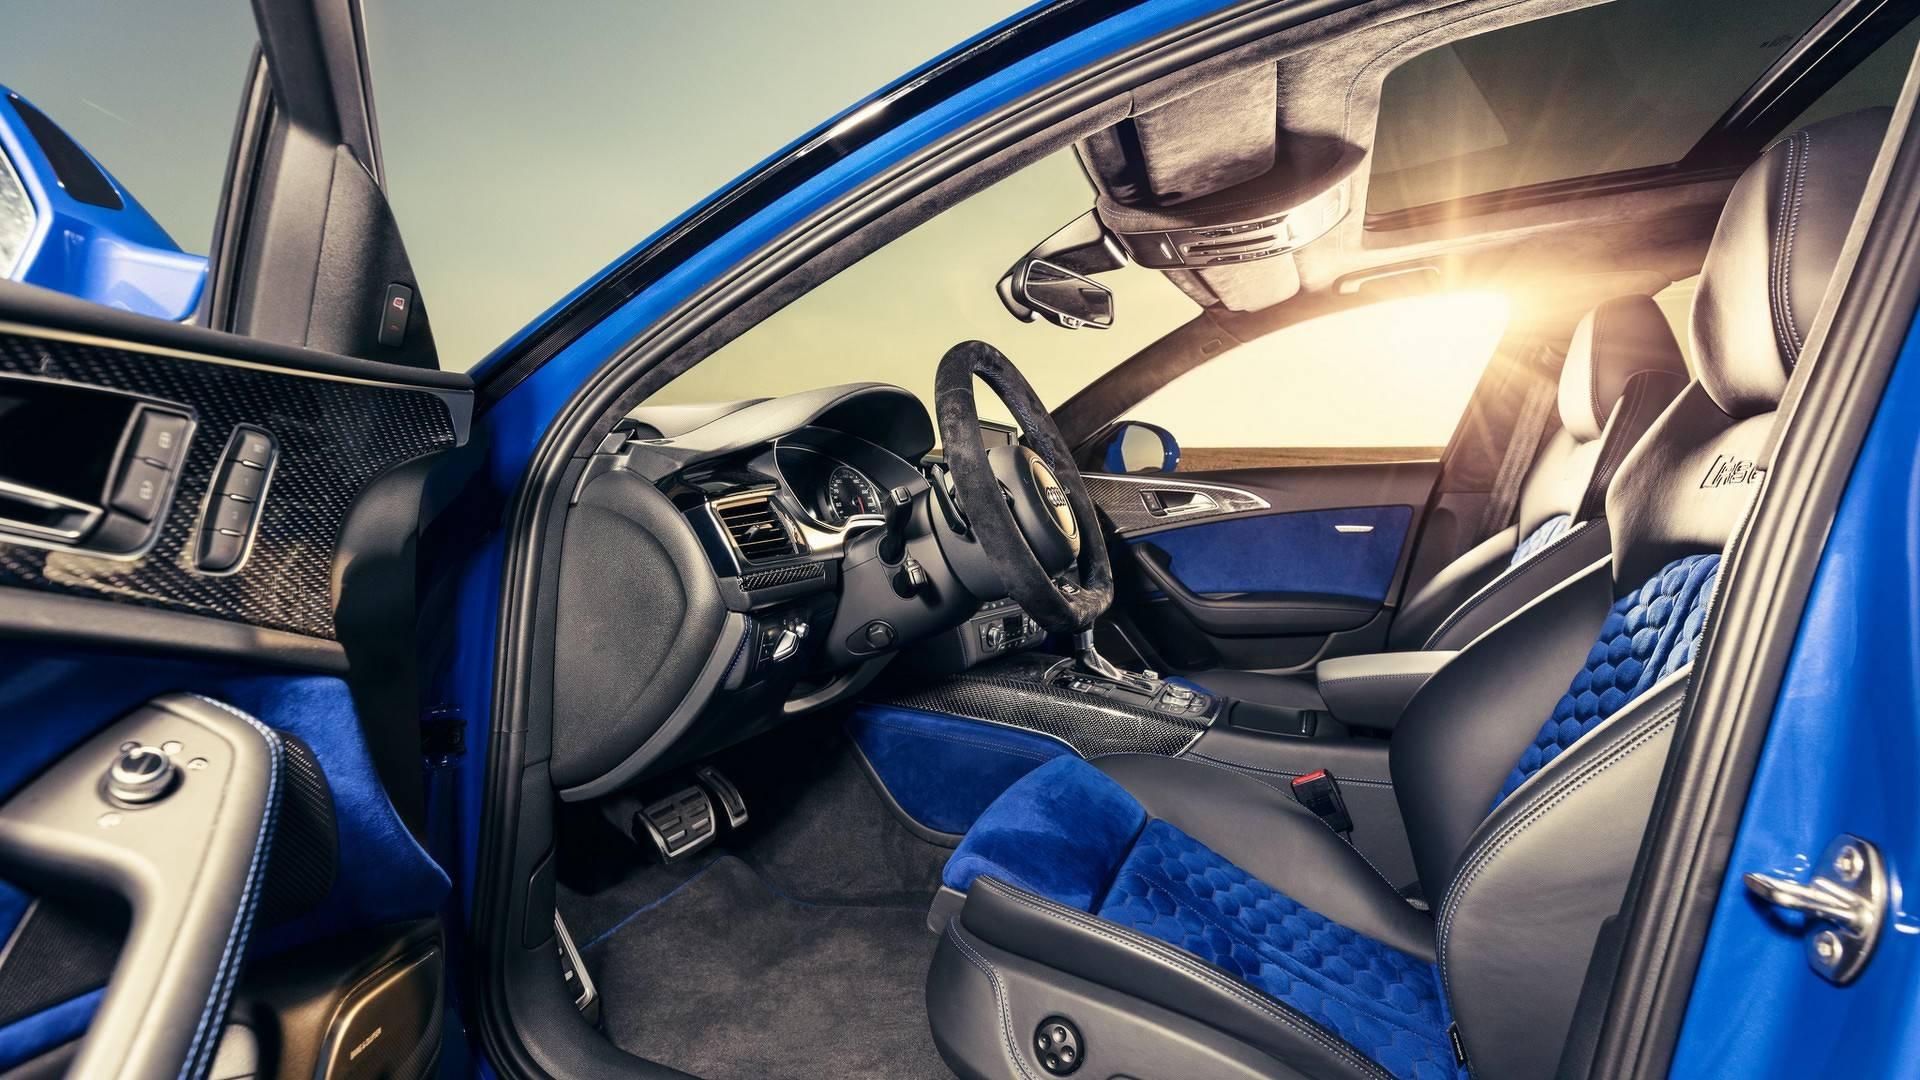 Hochleistungssportler in limitierter Sonderserie: Audi RS 6 Avan